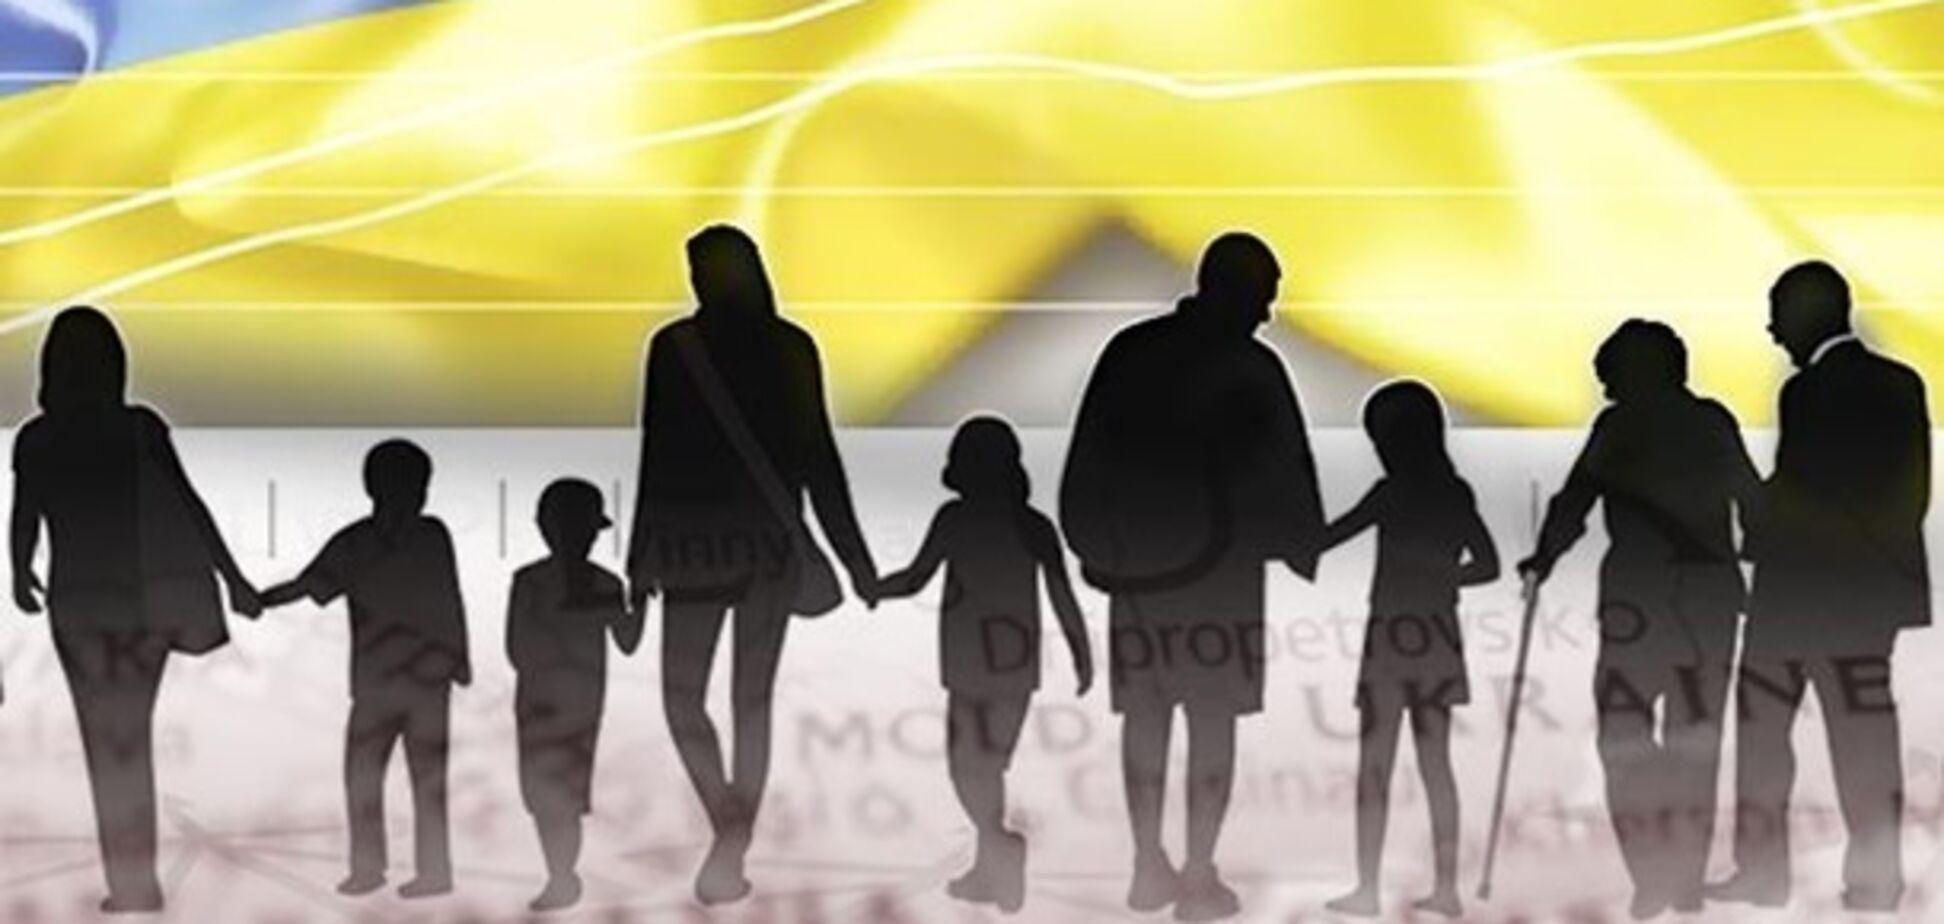 Населення вимирає: опубліковані шокуючі дані про демографію в Україні